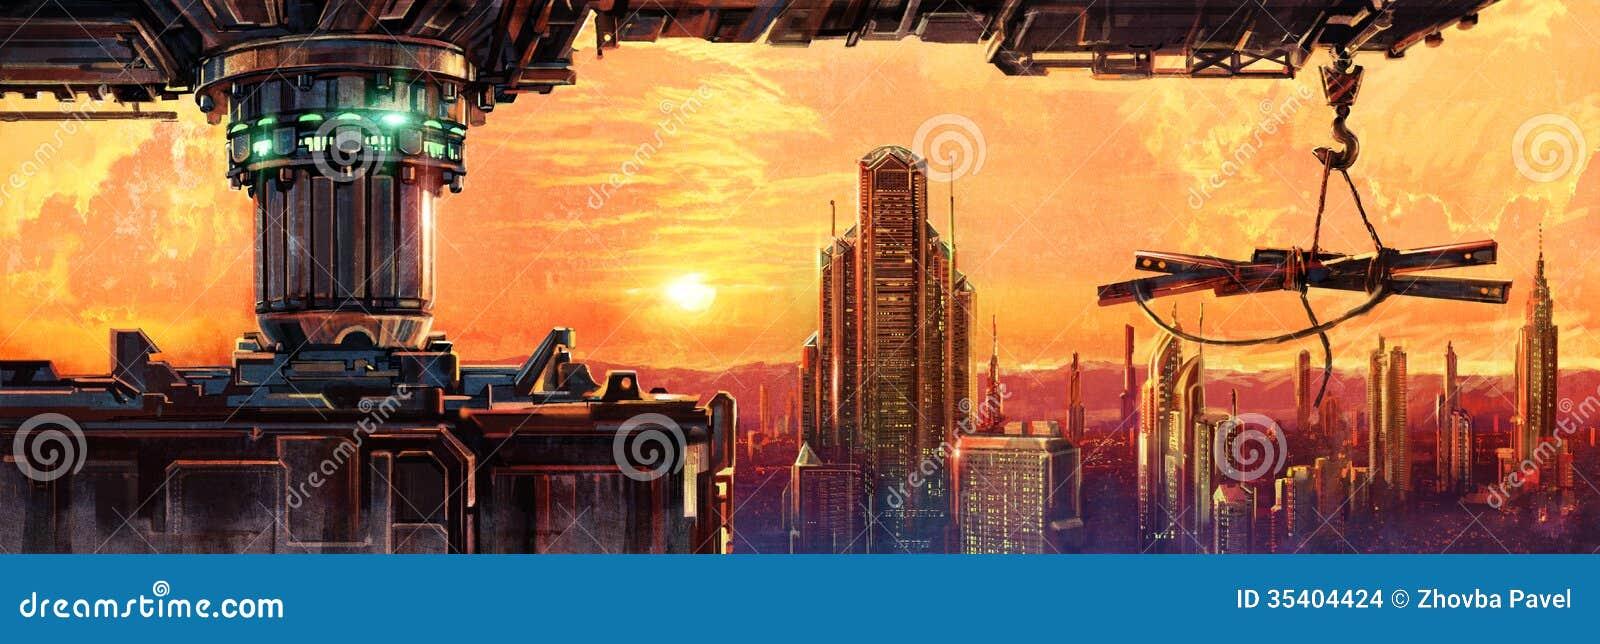 Ciudad fantástica del futuro